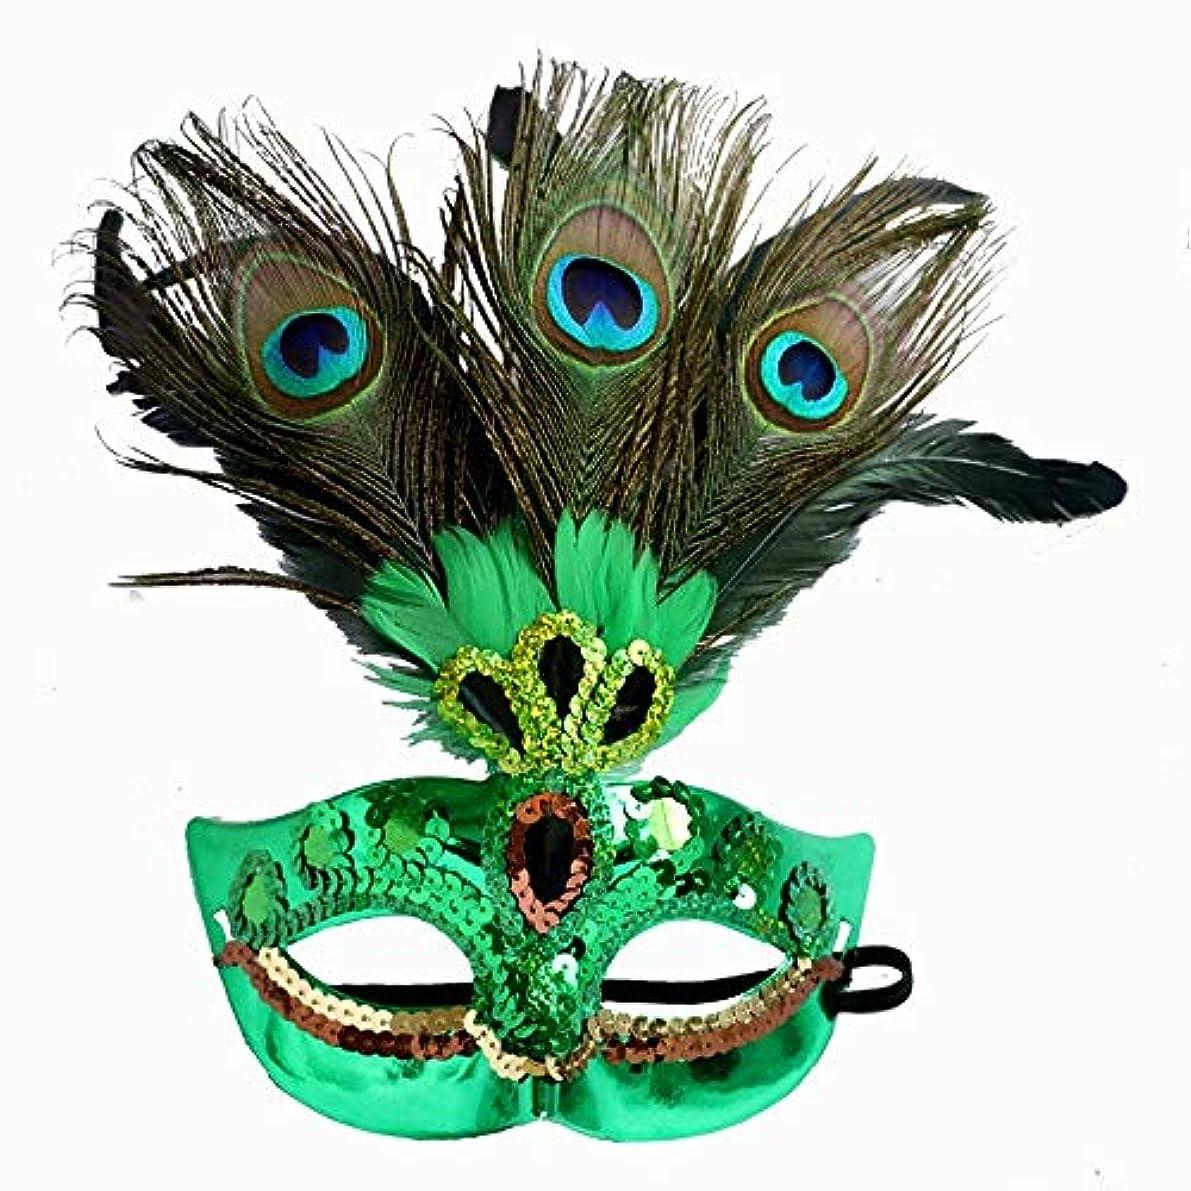 請求可能家畜来てダンスマスク 仮面舞踏会マスククジャクの羽パーティー衣装ハロウィンマスクボール目猫女性マスクハーフマスク ホリデーパーティー用品 (色 : 緑, サイズ : 18x25cm)